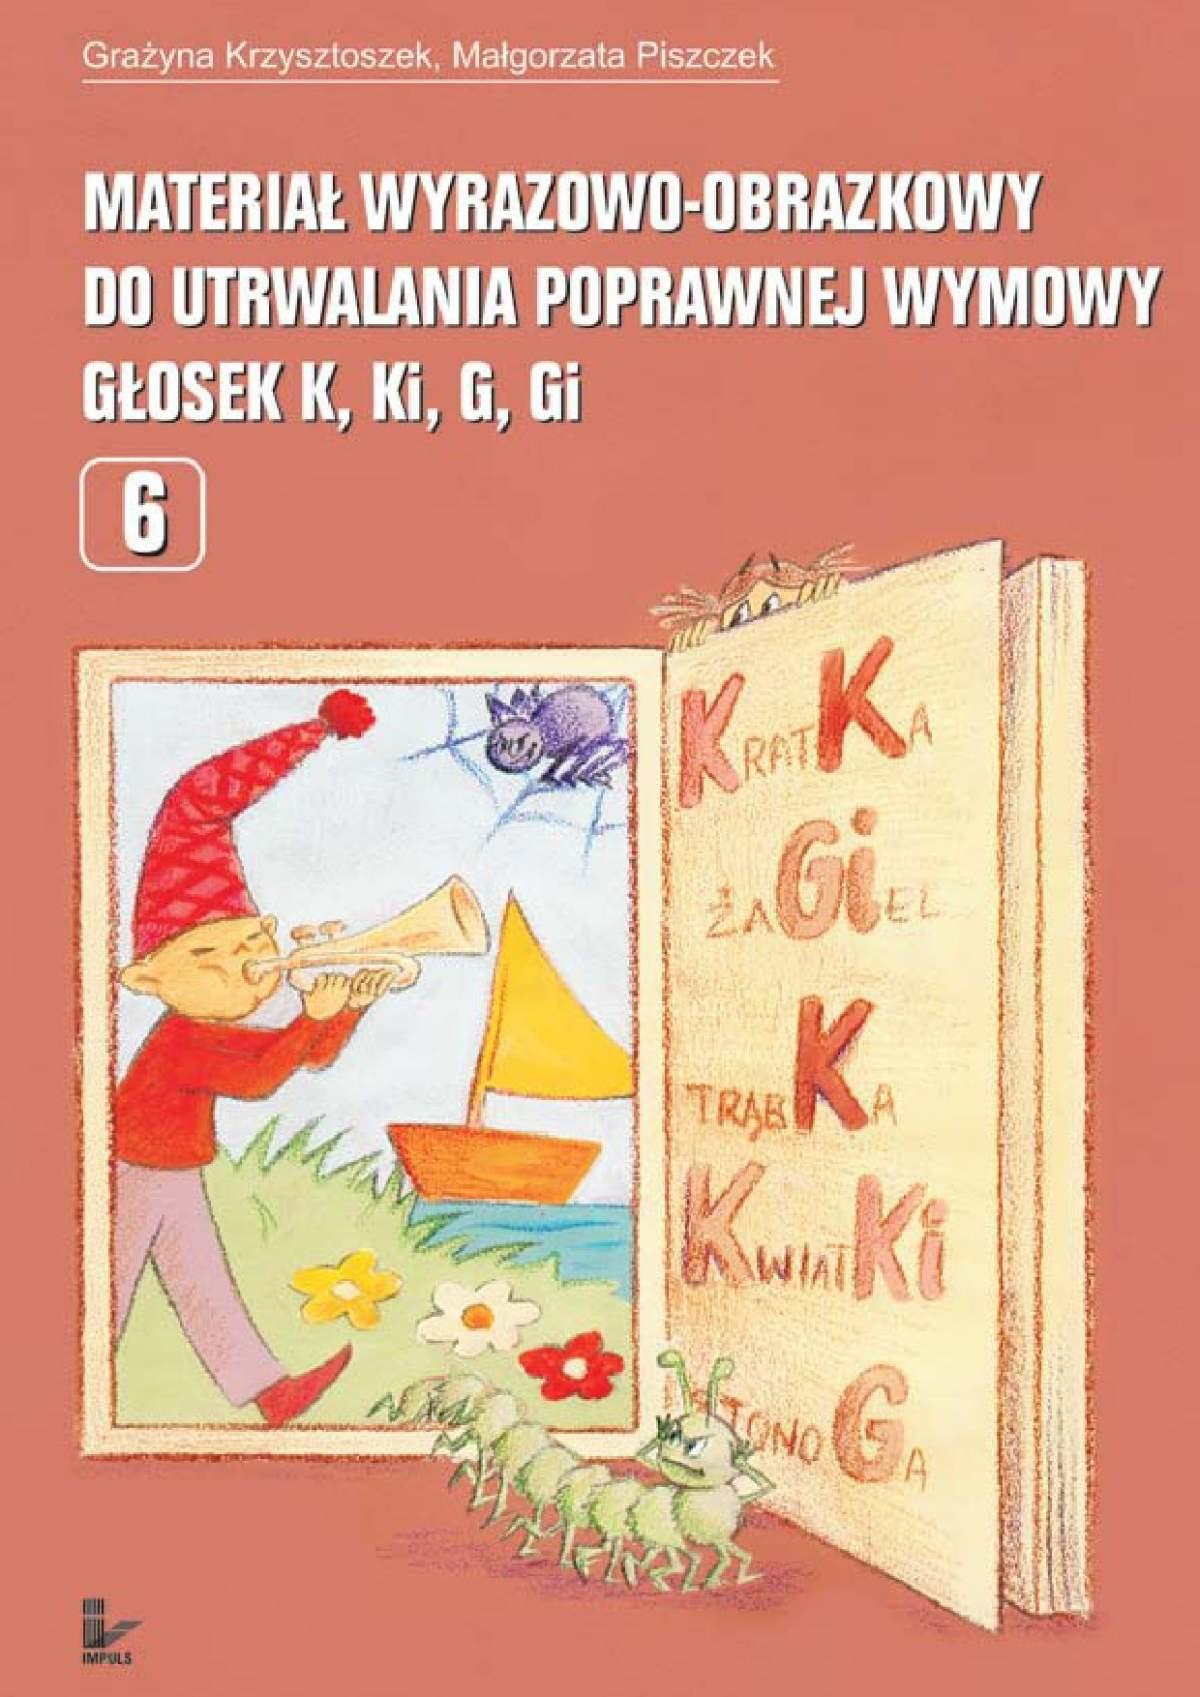 Materiał wyrazowo-obrazkowy do utrwalania poprawnej wymowy głosek k, ki, g, gi - Ebook (Książka EPUB) do pobrania w formacie EPUB